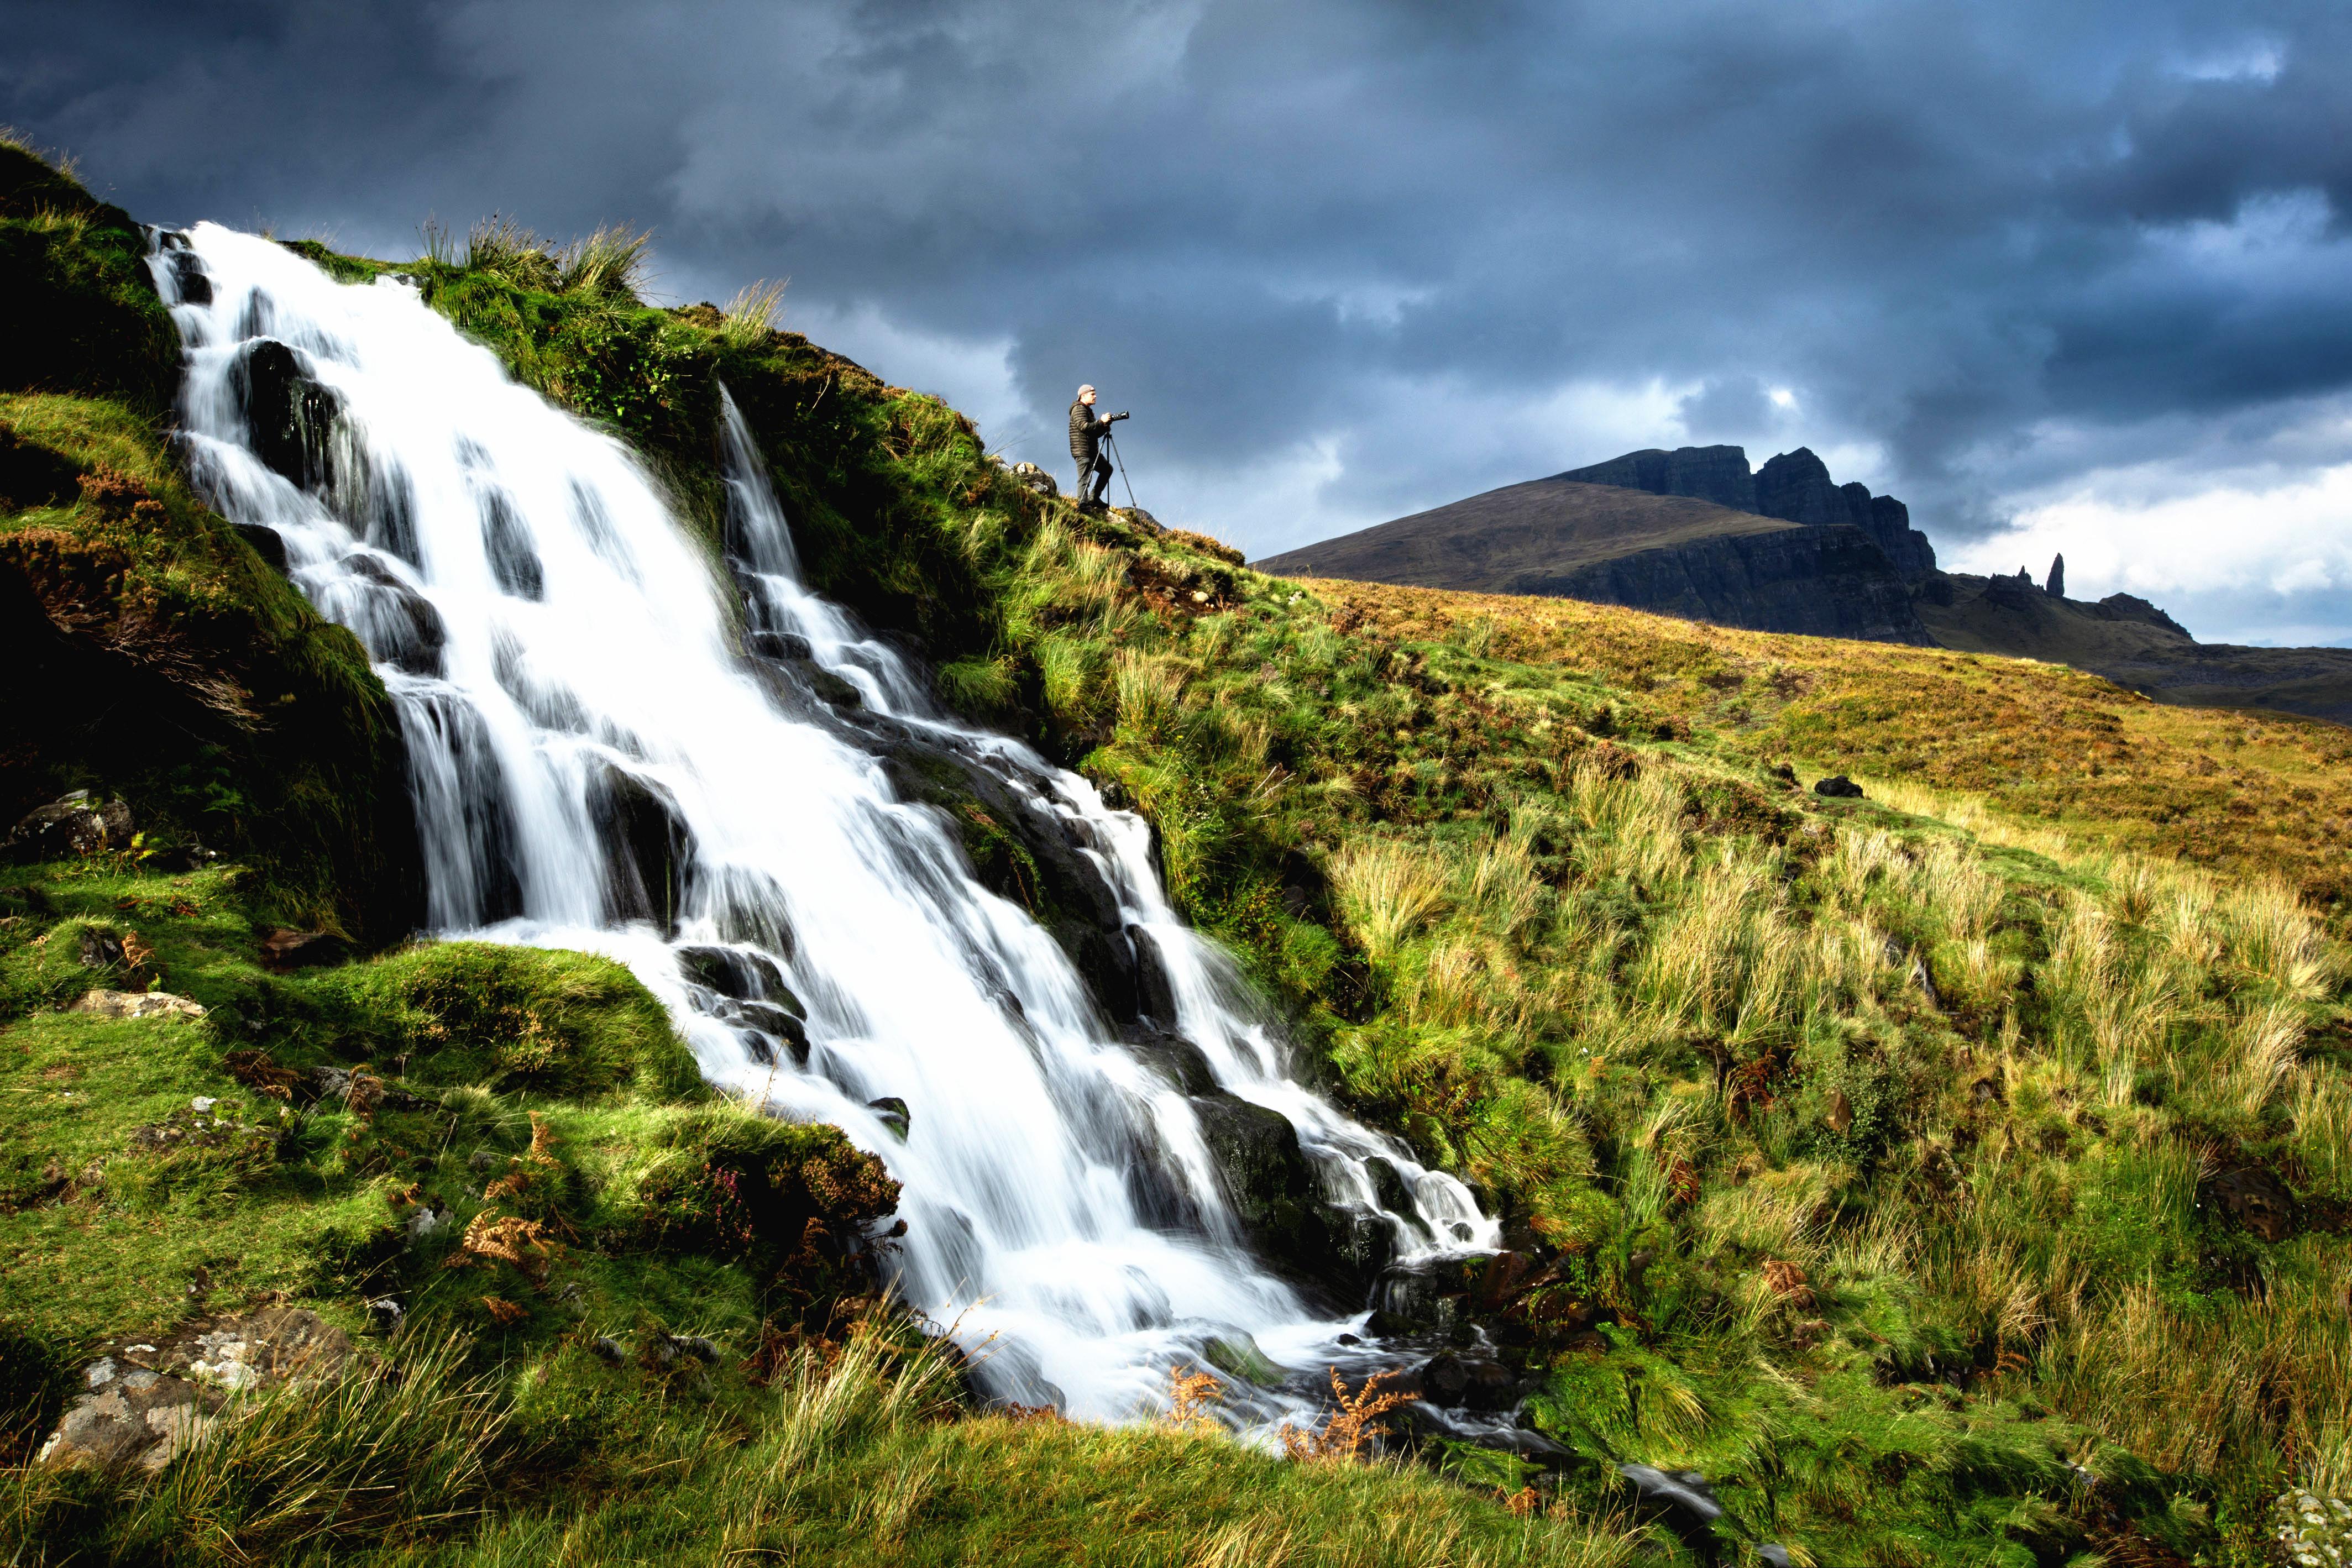 苏格兰高地 | 山川叠嶂的魔幻系风景